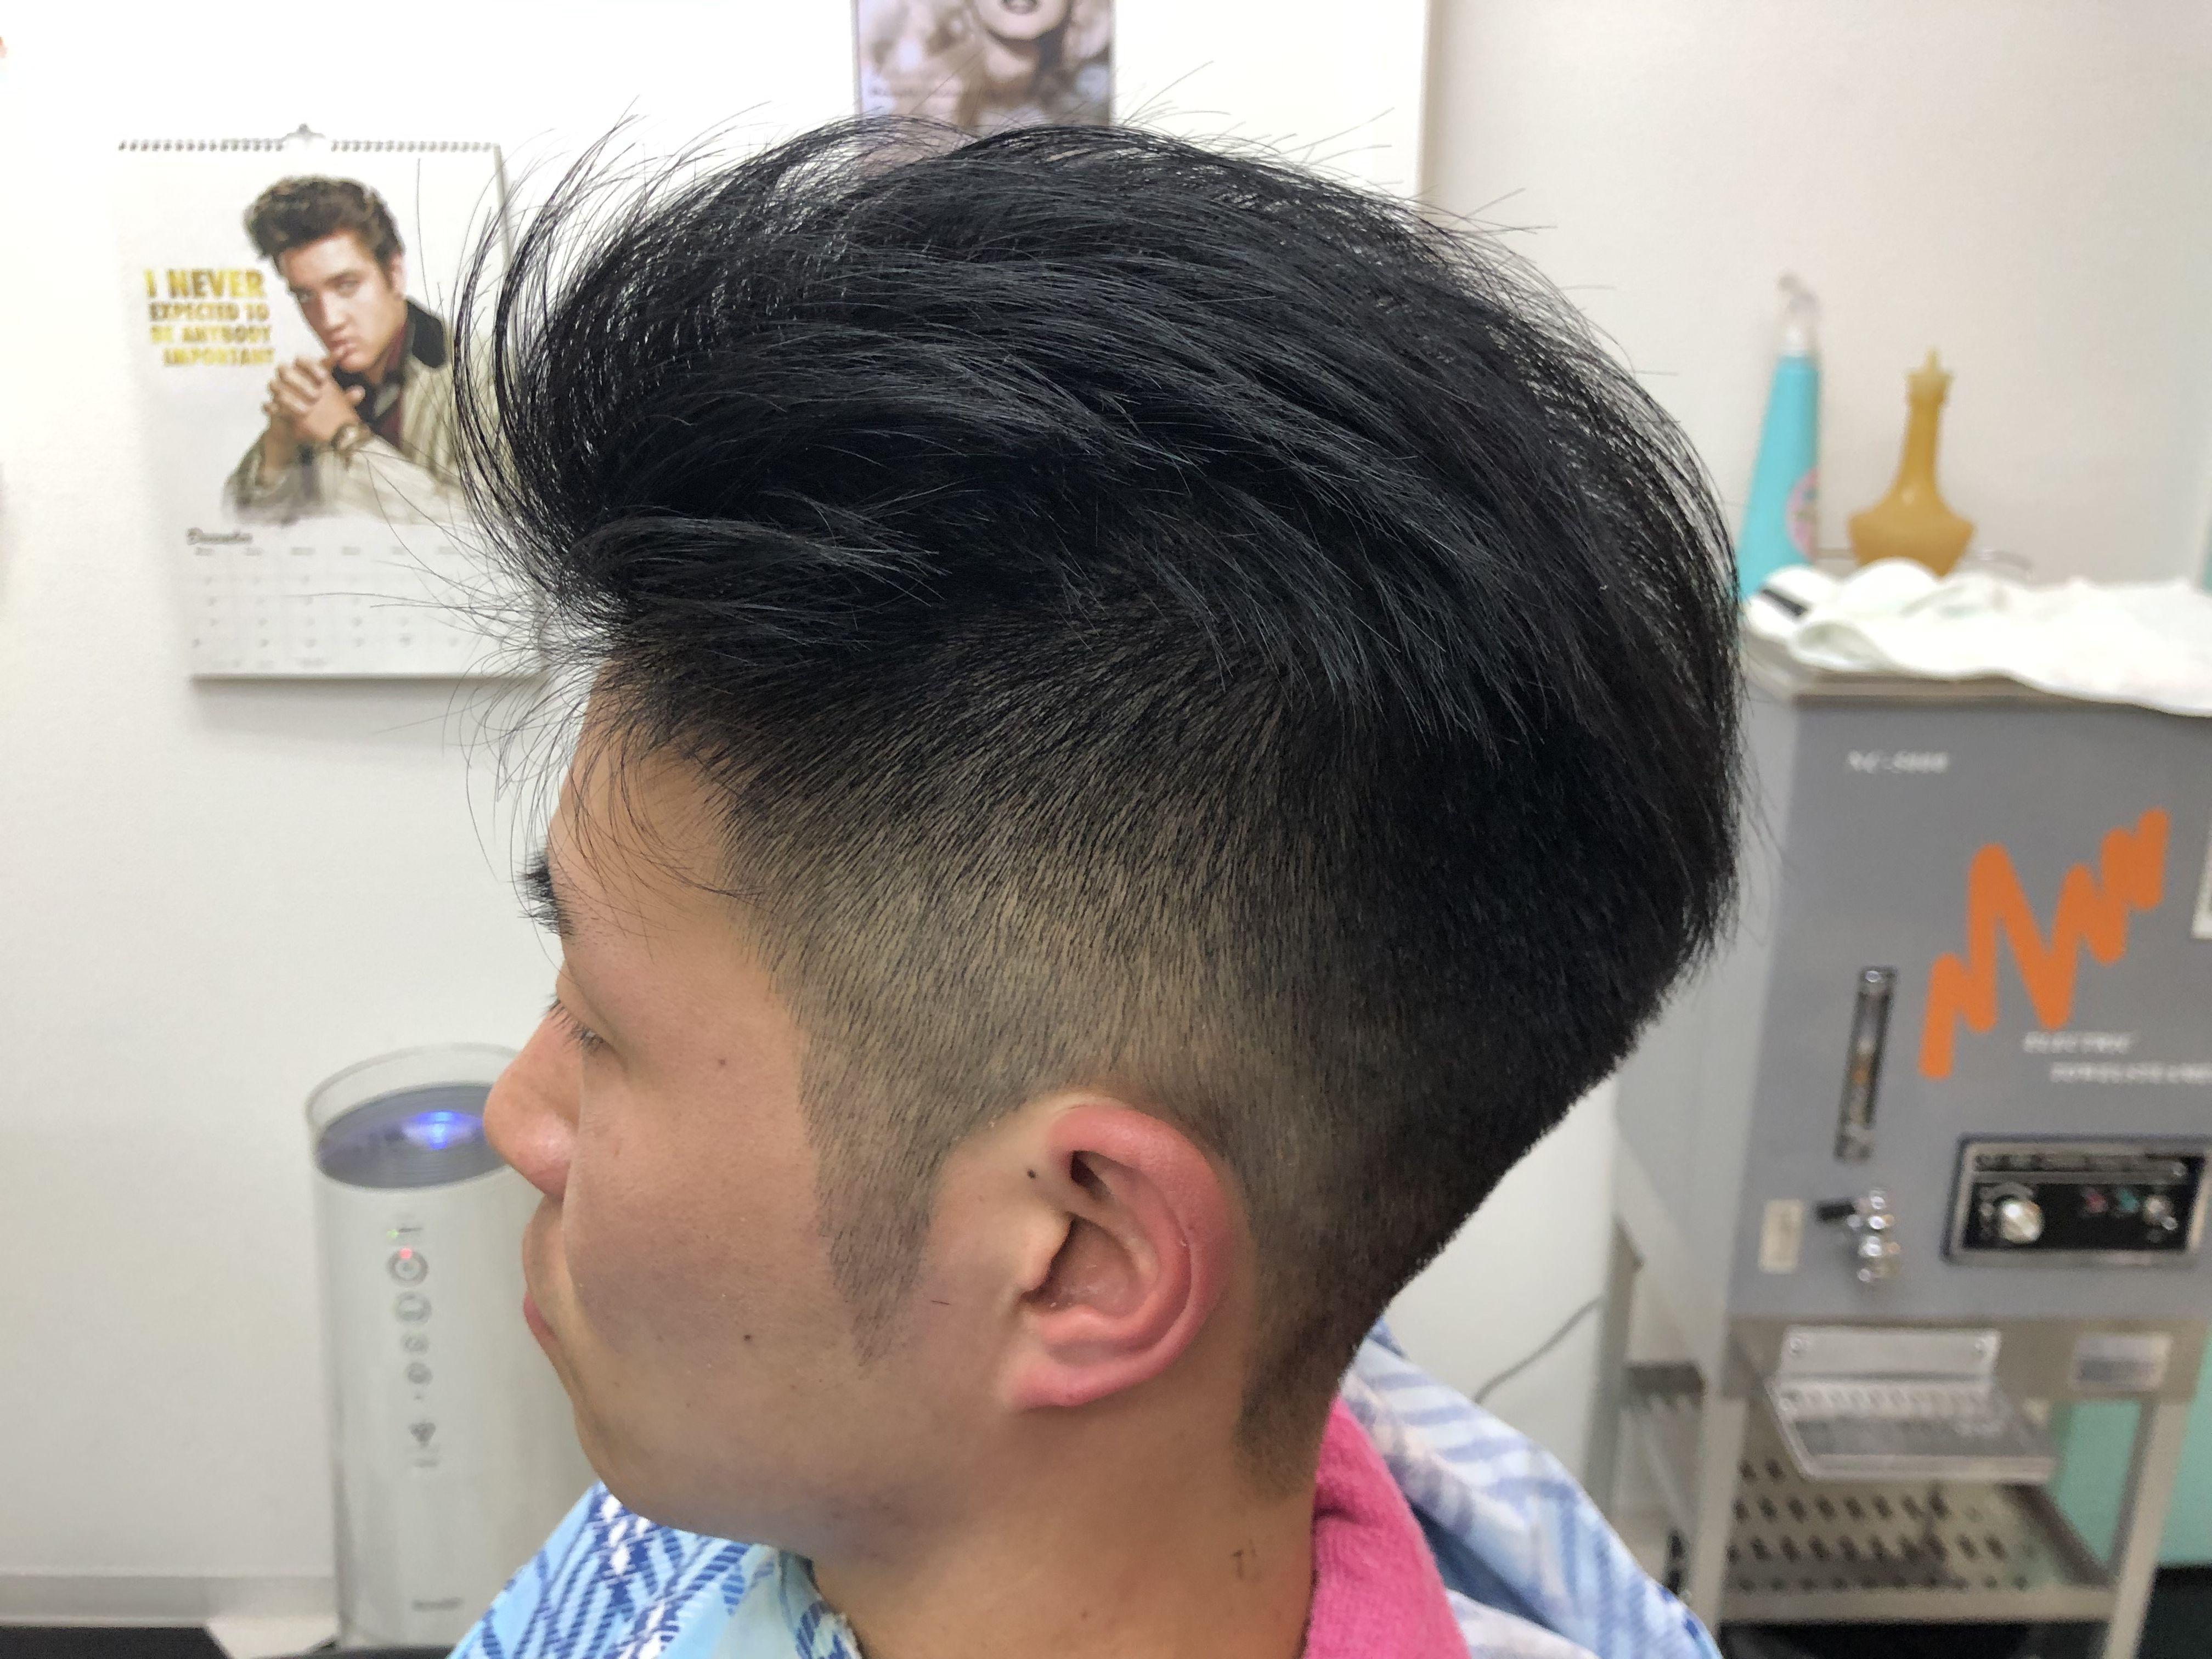 ボード 志多らメンバーのヘアスタイル のピン